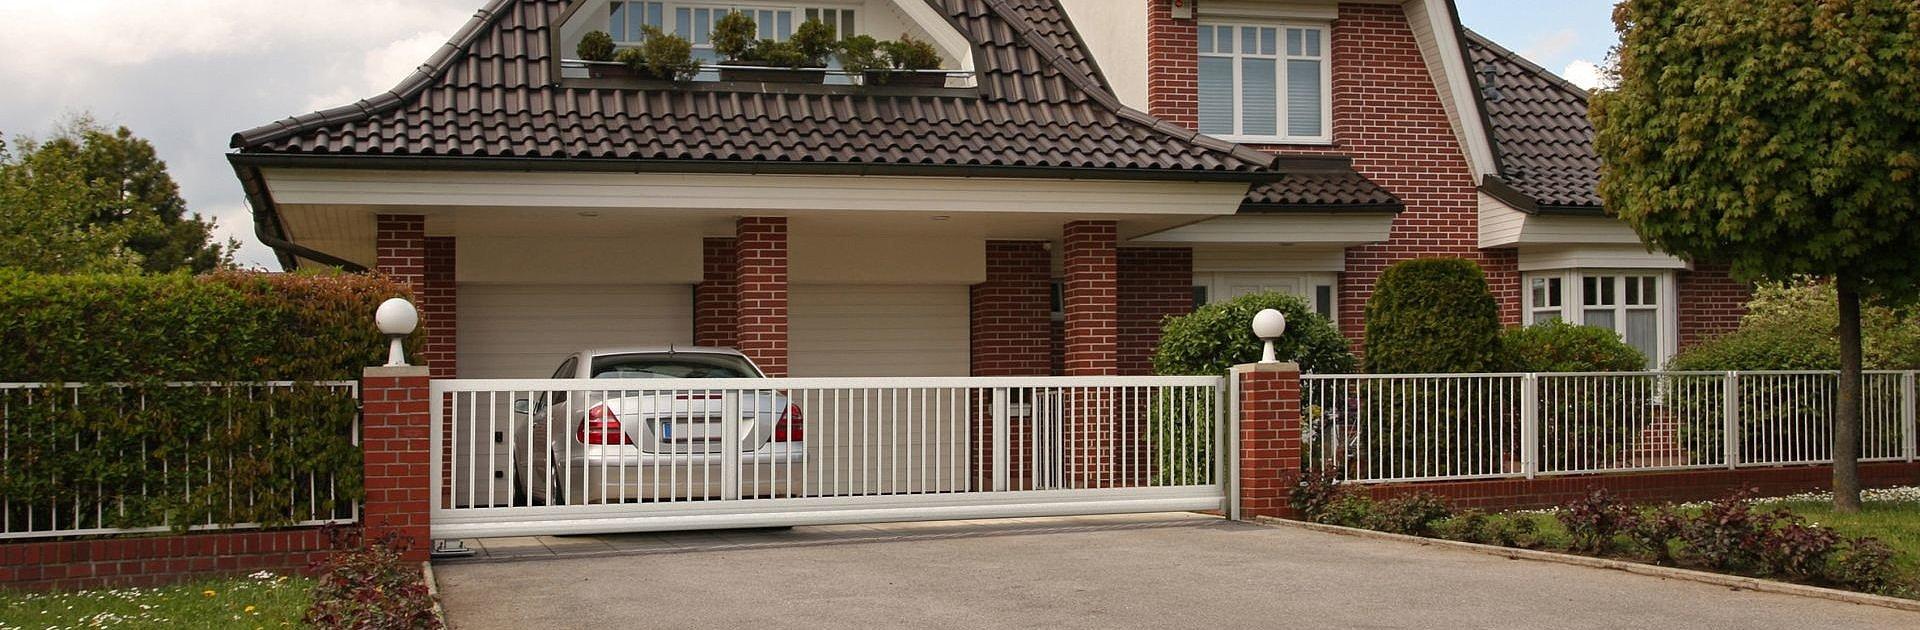 Staketenzaun aus Aluminium in weiß mit Gartentor als Umzäunung für ein Einfamilienhaus im klassischen Stil